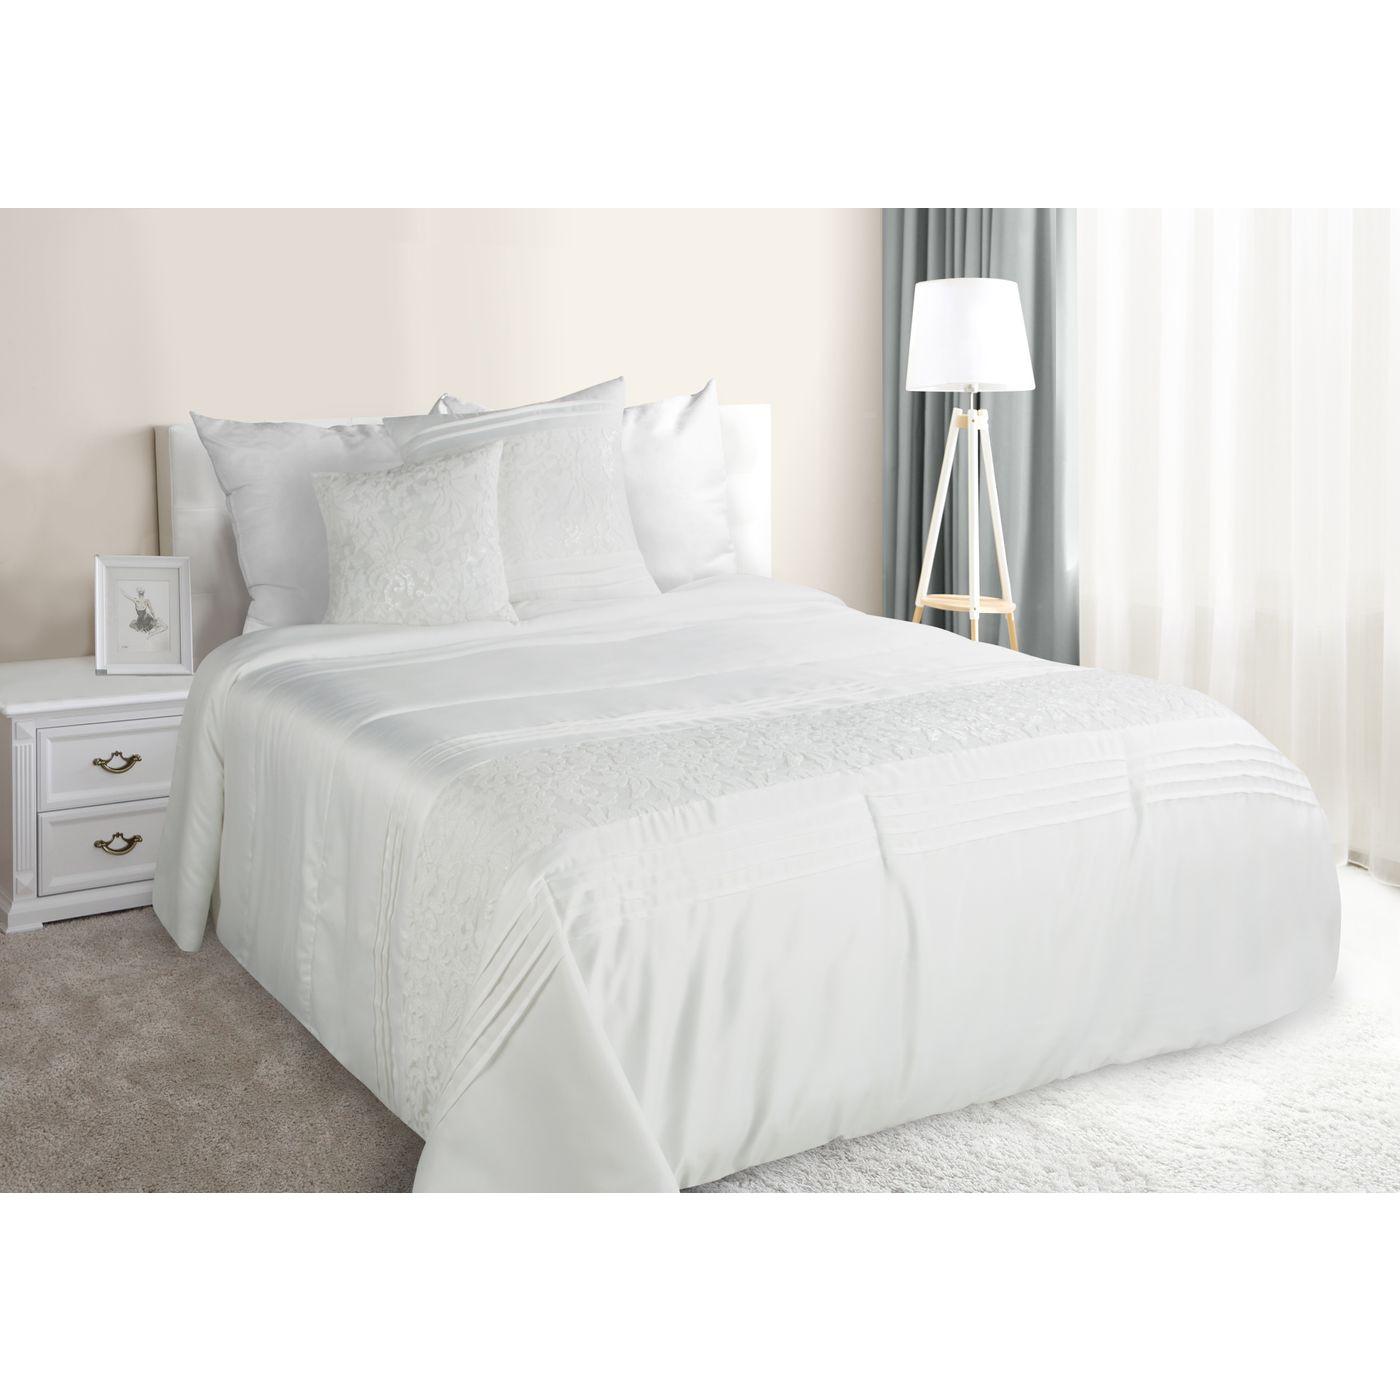 Narzuta na łóżko satynowa kwiatowy ornament 220x240 cm kremowa